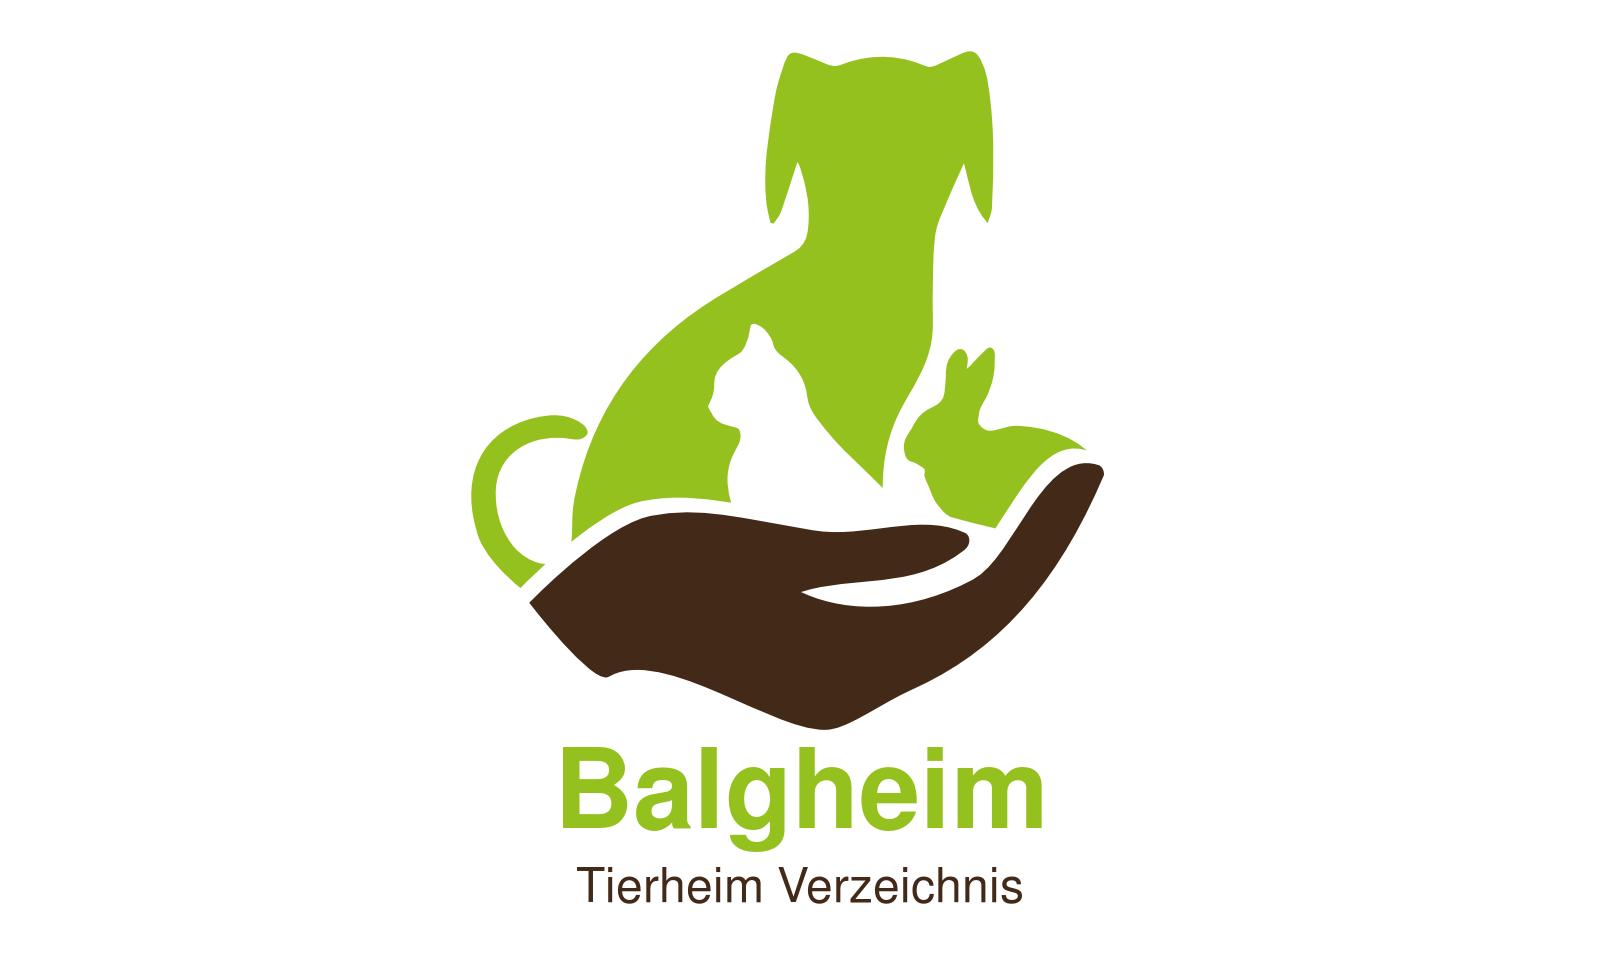 Tierheim Balgheim